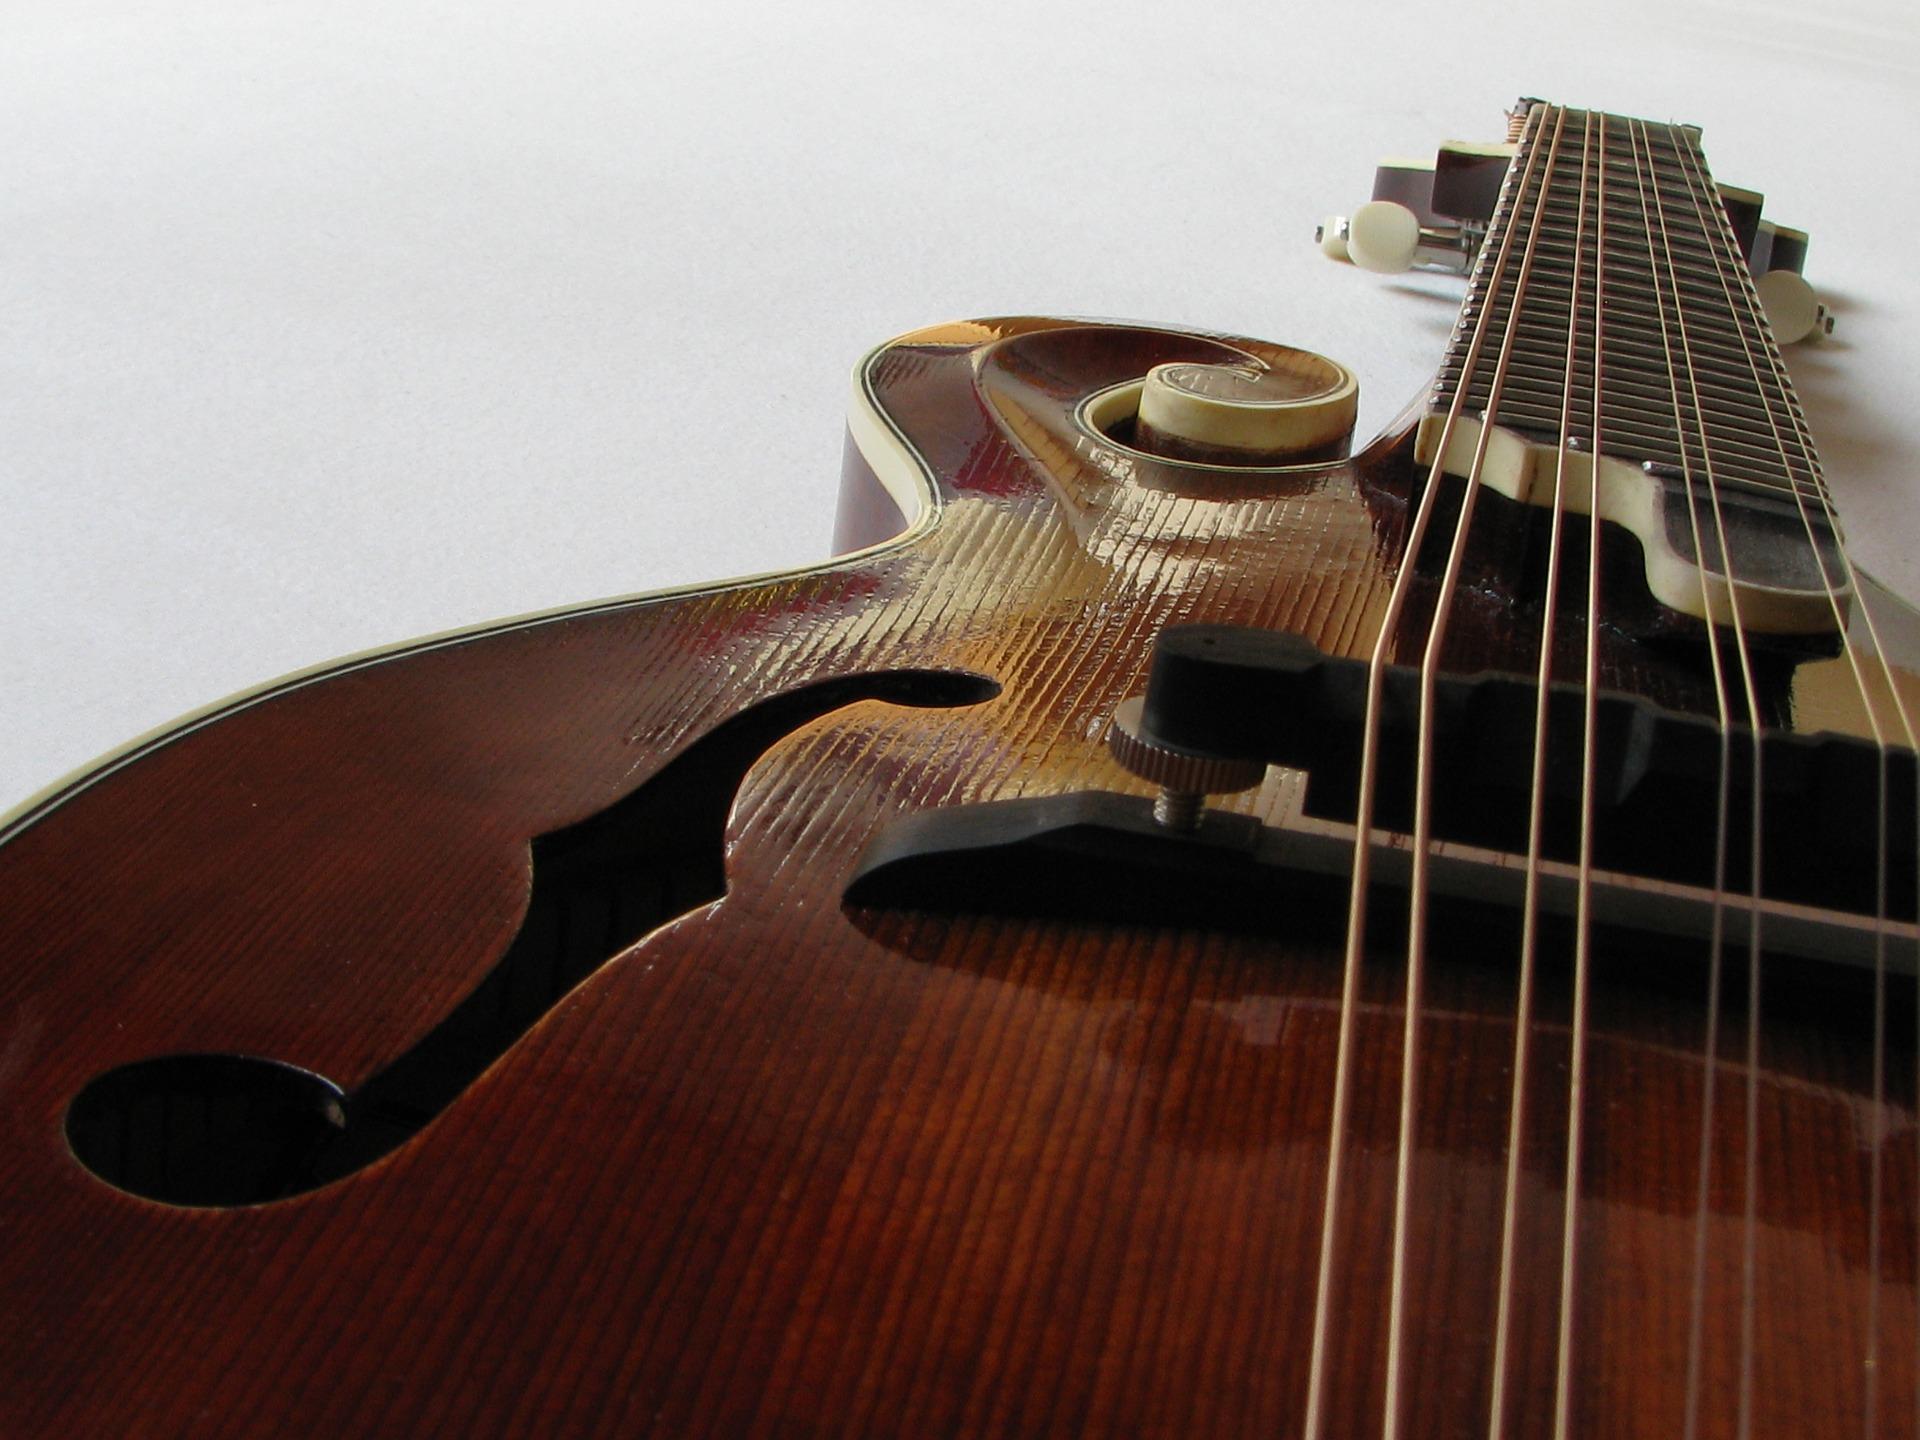 Online Beginner Mandolin Lessons - Mandolin Course from the Beginning